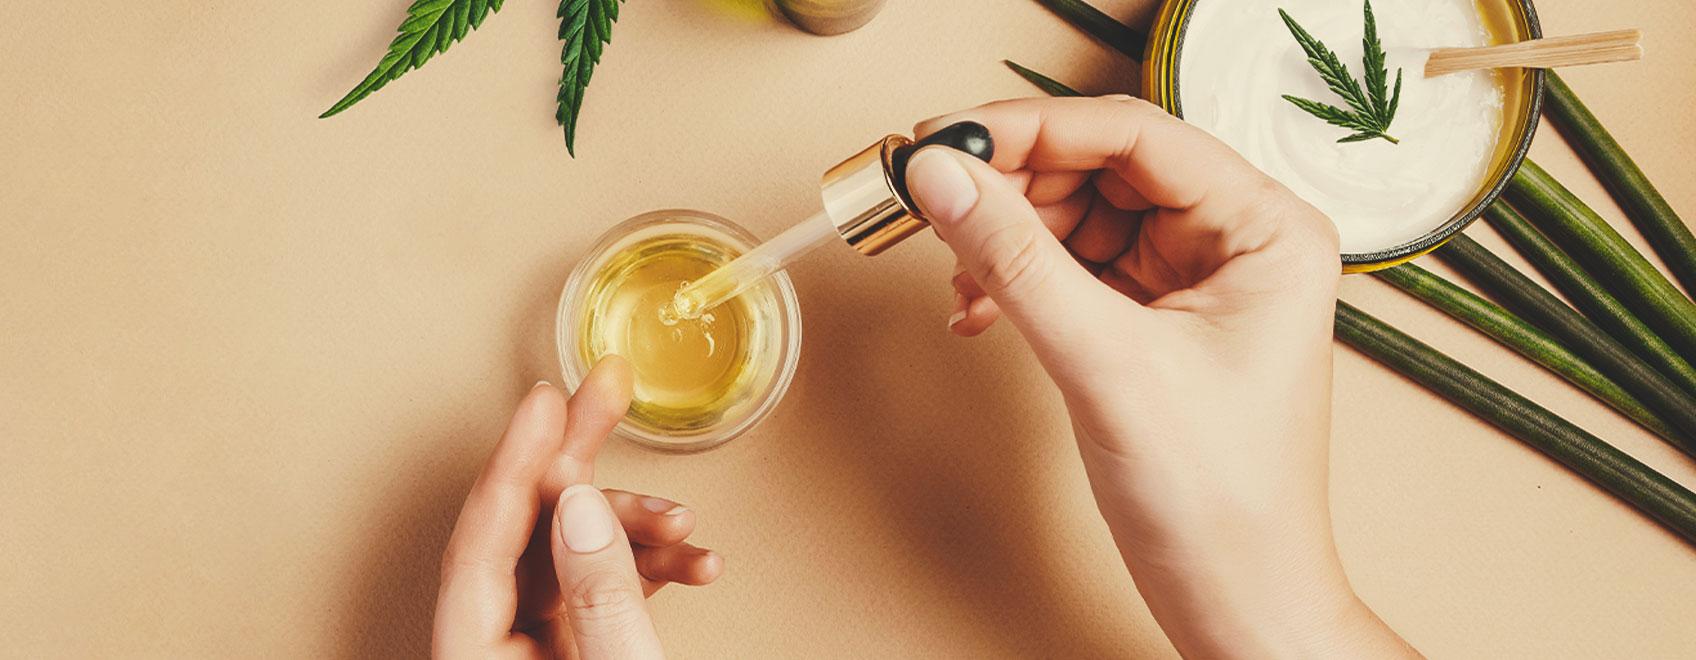 Comment faire un extrait à partir de cannabis médical